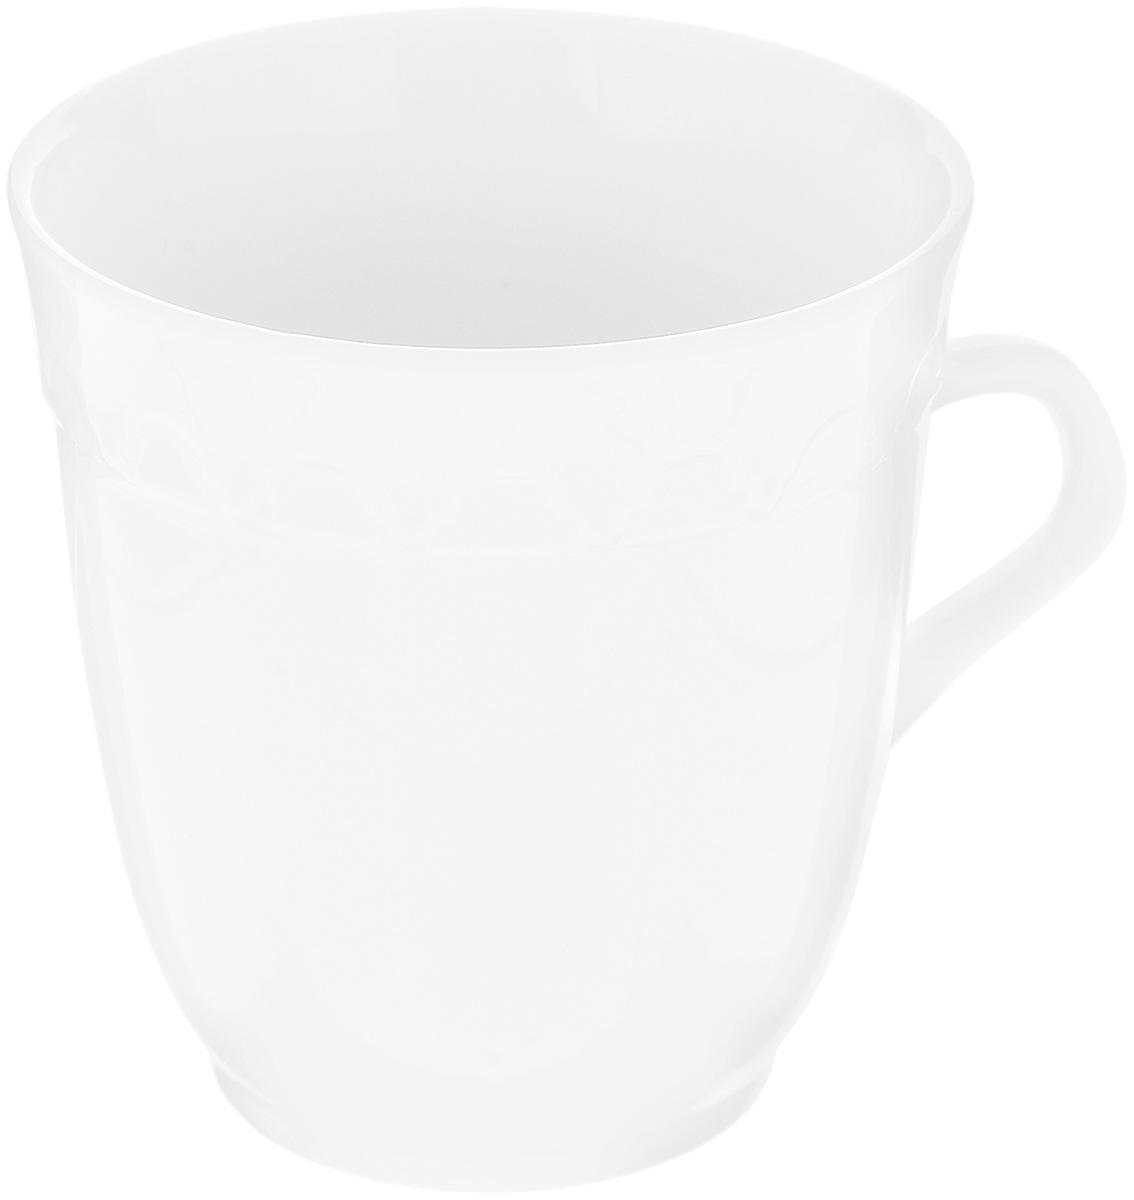 Кружка Фарфор Вербилок Арабеска, 250 мл. 3640000Б54 009312Кружка Фарфор Вербилок Арабеска способна скрасить любое чаепитие. Изделие выполнено из высококачественного фарфора. Посуда из такого материала позволяет сохранить истинный вкус напитка, а также помогает ему дольше оставаться теплым.Диаметр по верхнему краю: 8,3 см.Высота кружки: 9 см.